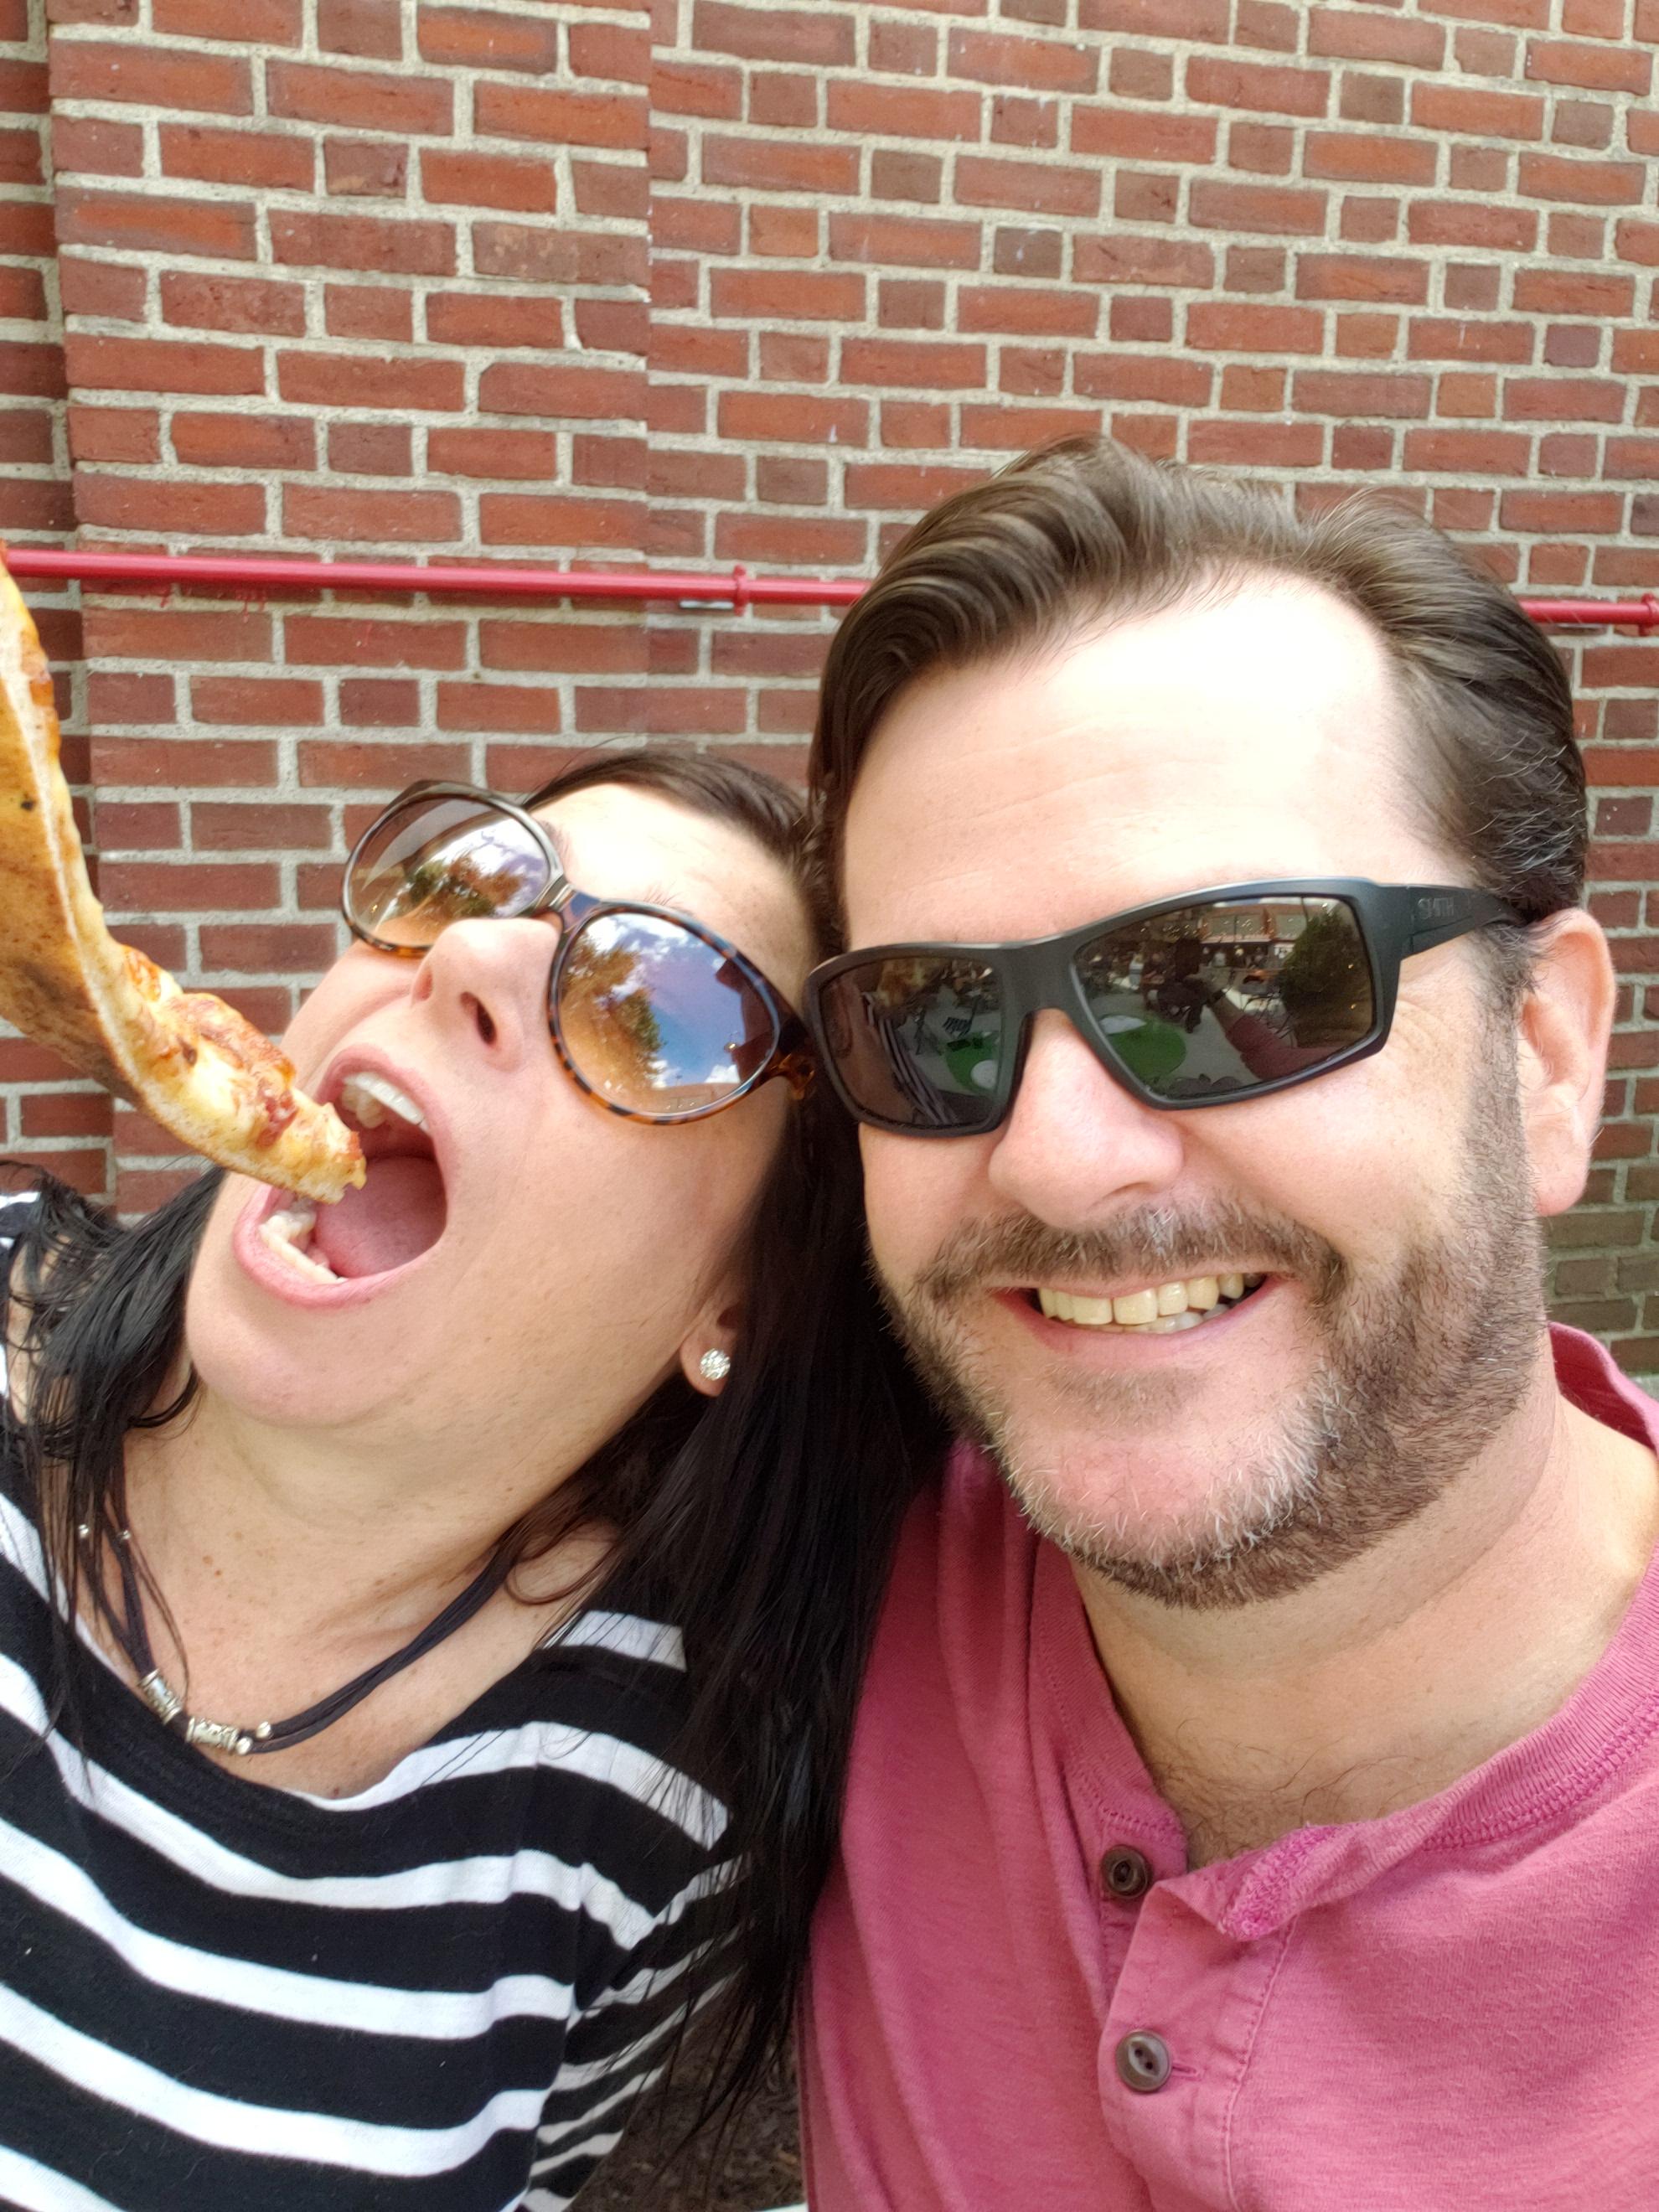 ih8nyy on One Bite Pizza App